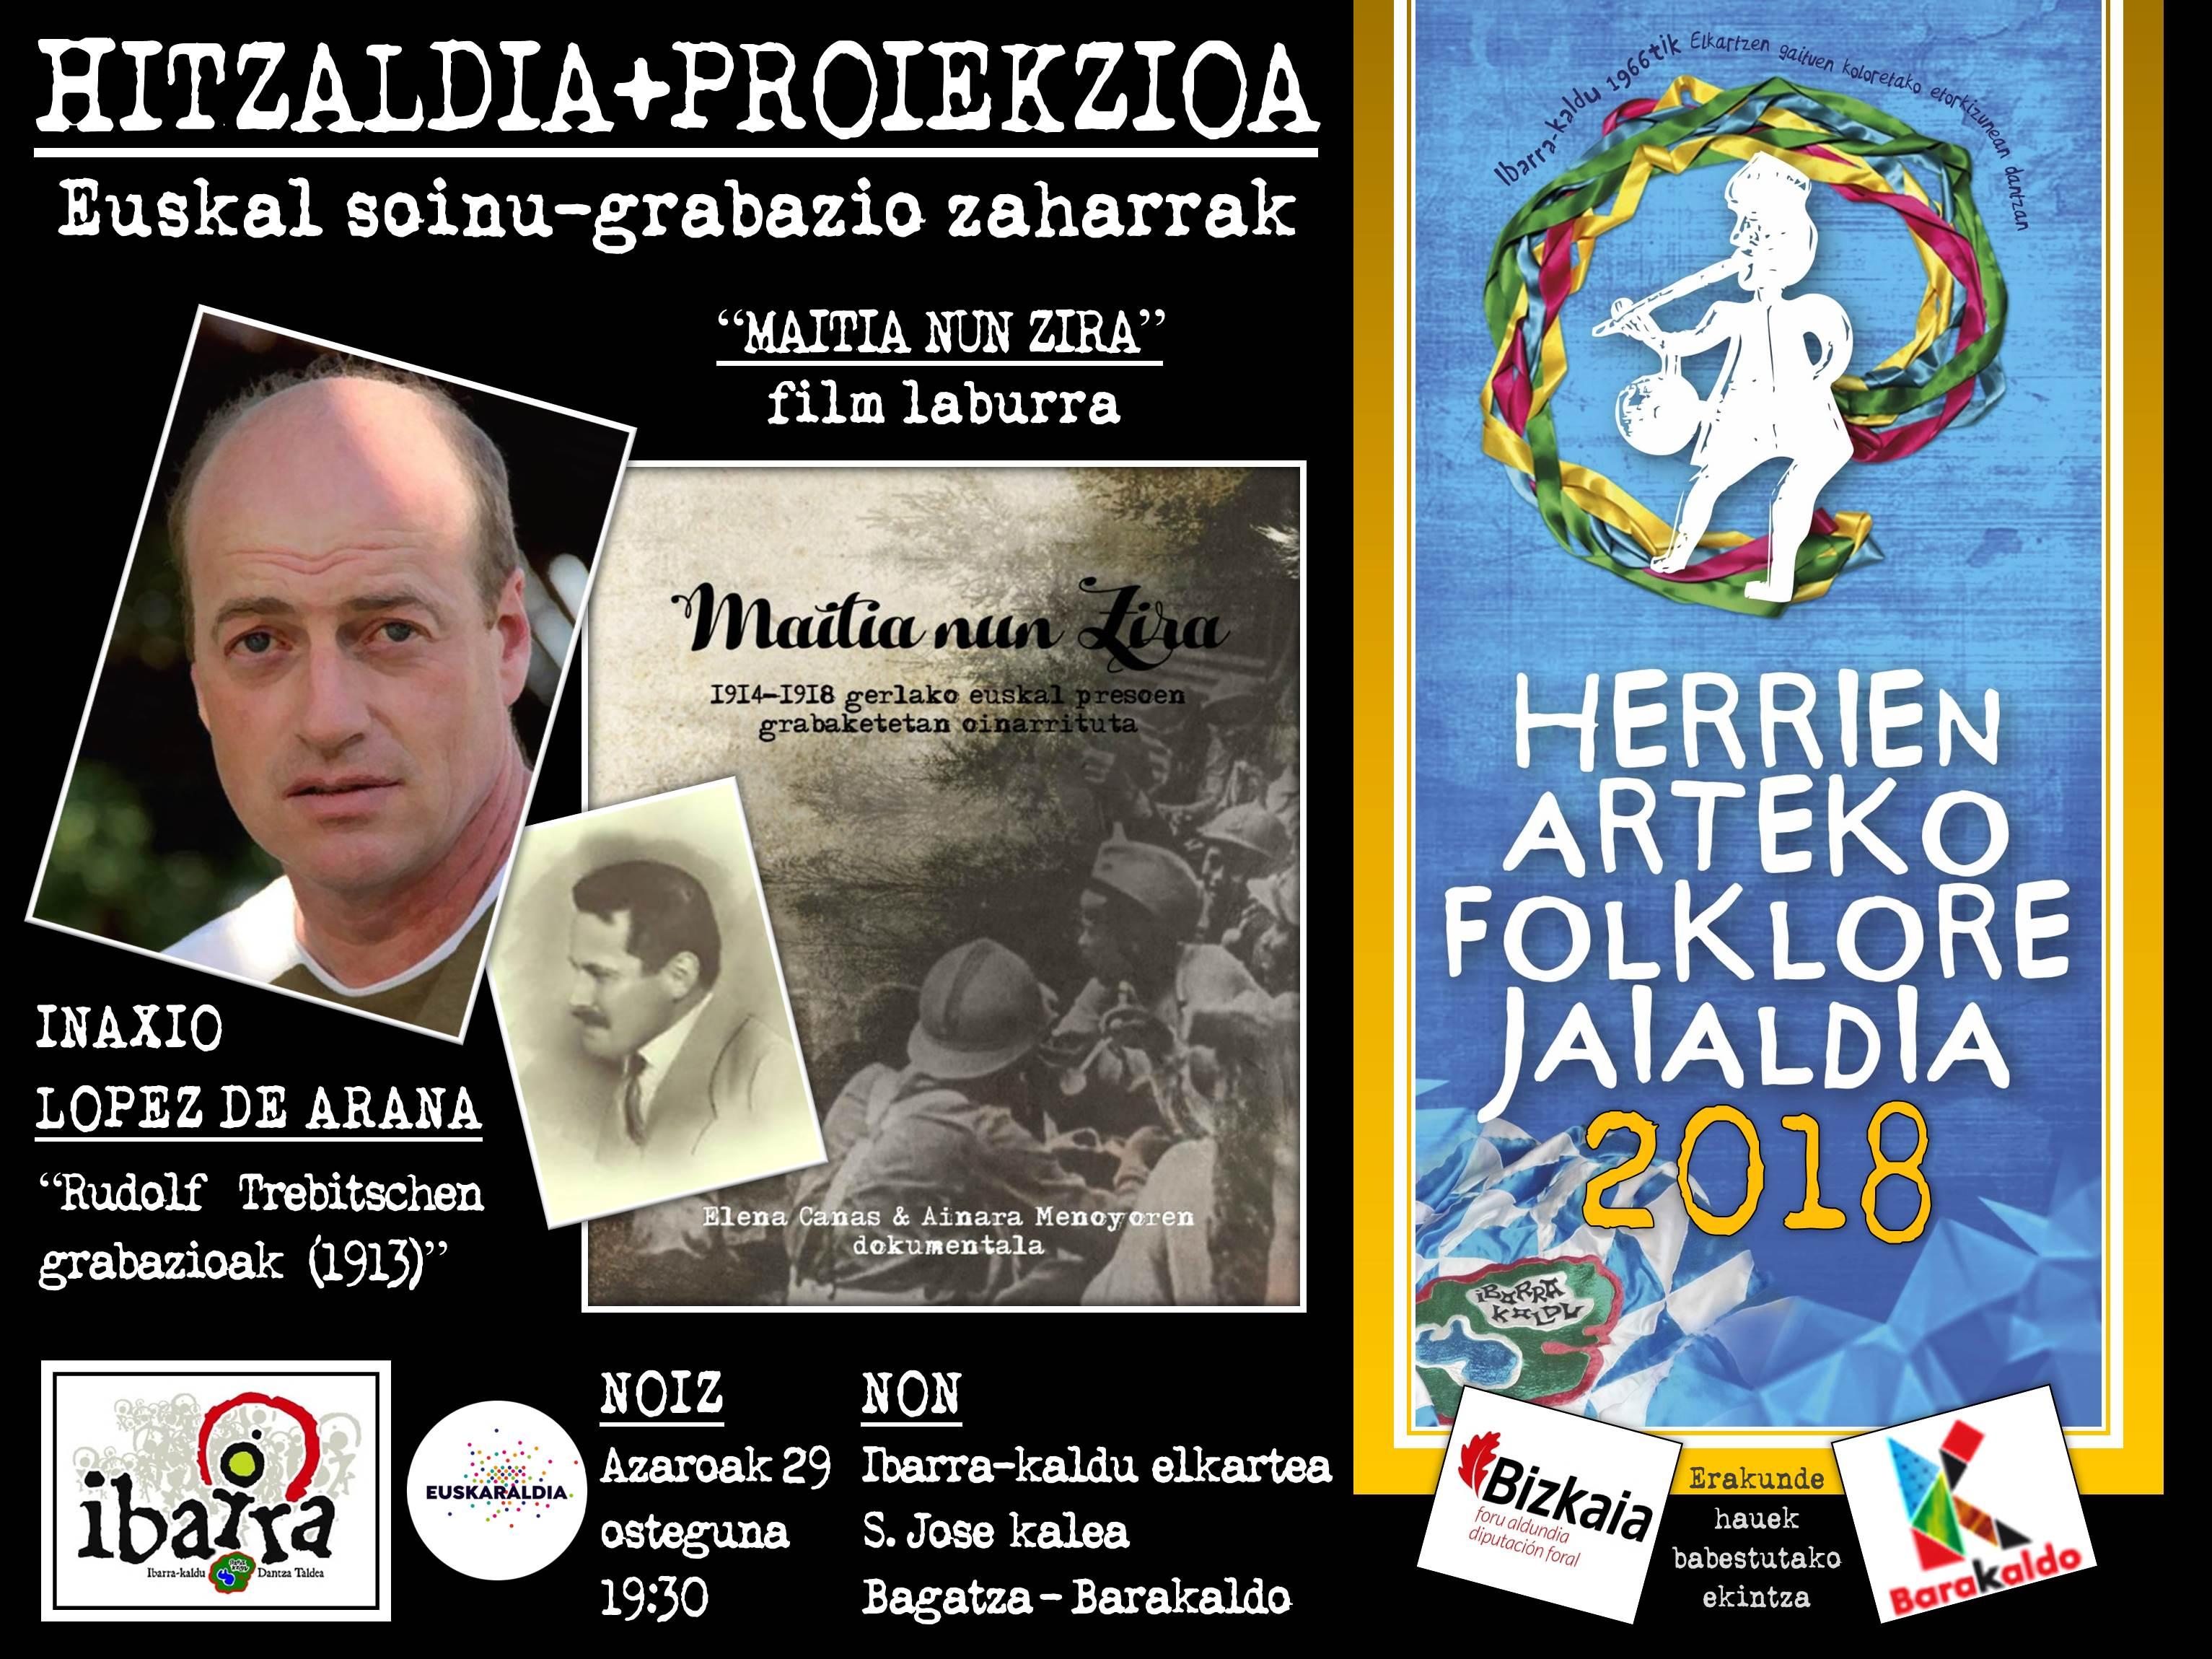 Herrien arteko XXII. Folklore Jaialdia: Hitzaldi-solasaldia Inaxio López de Aranarekin.